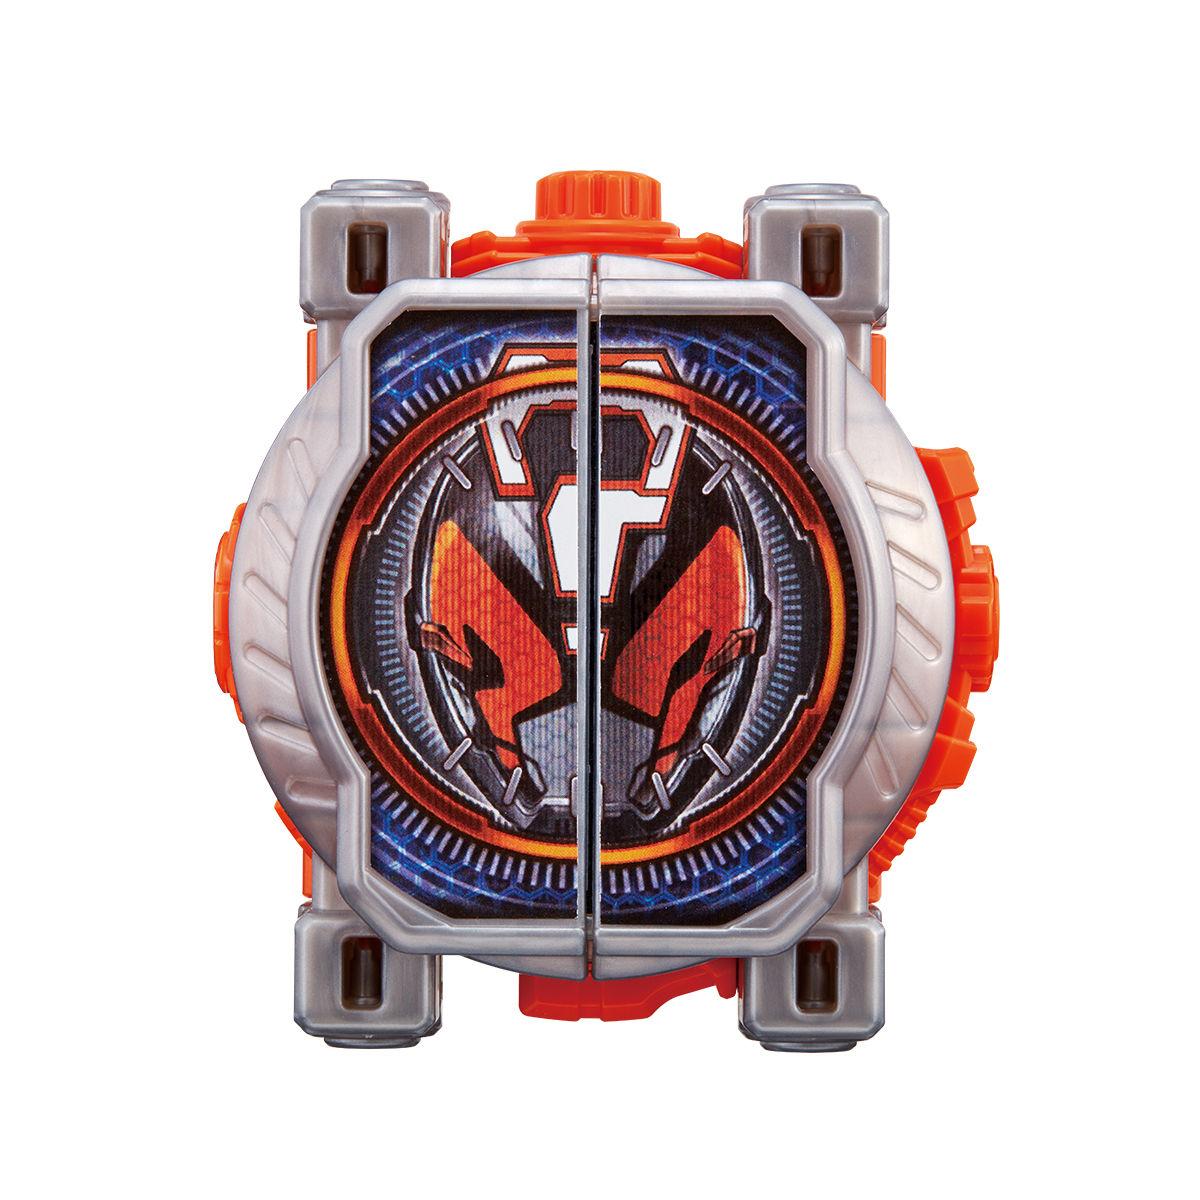 仮面ライダージオウ『DXクイズミライドウォッチ』変身なりきり-001